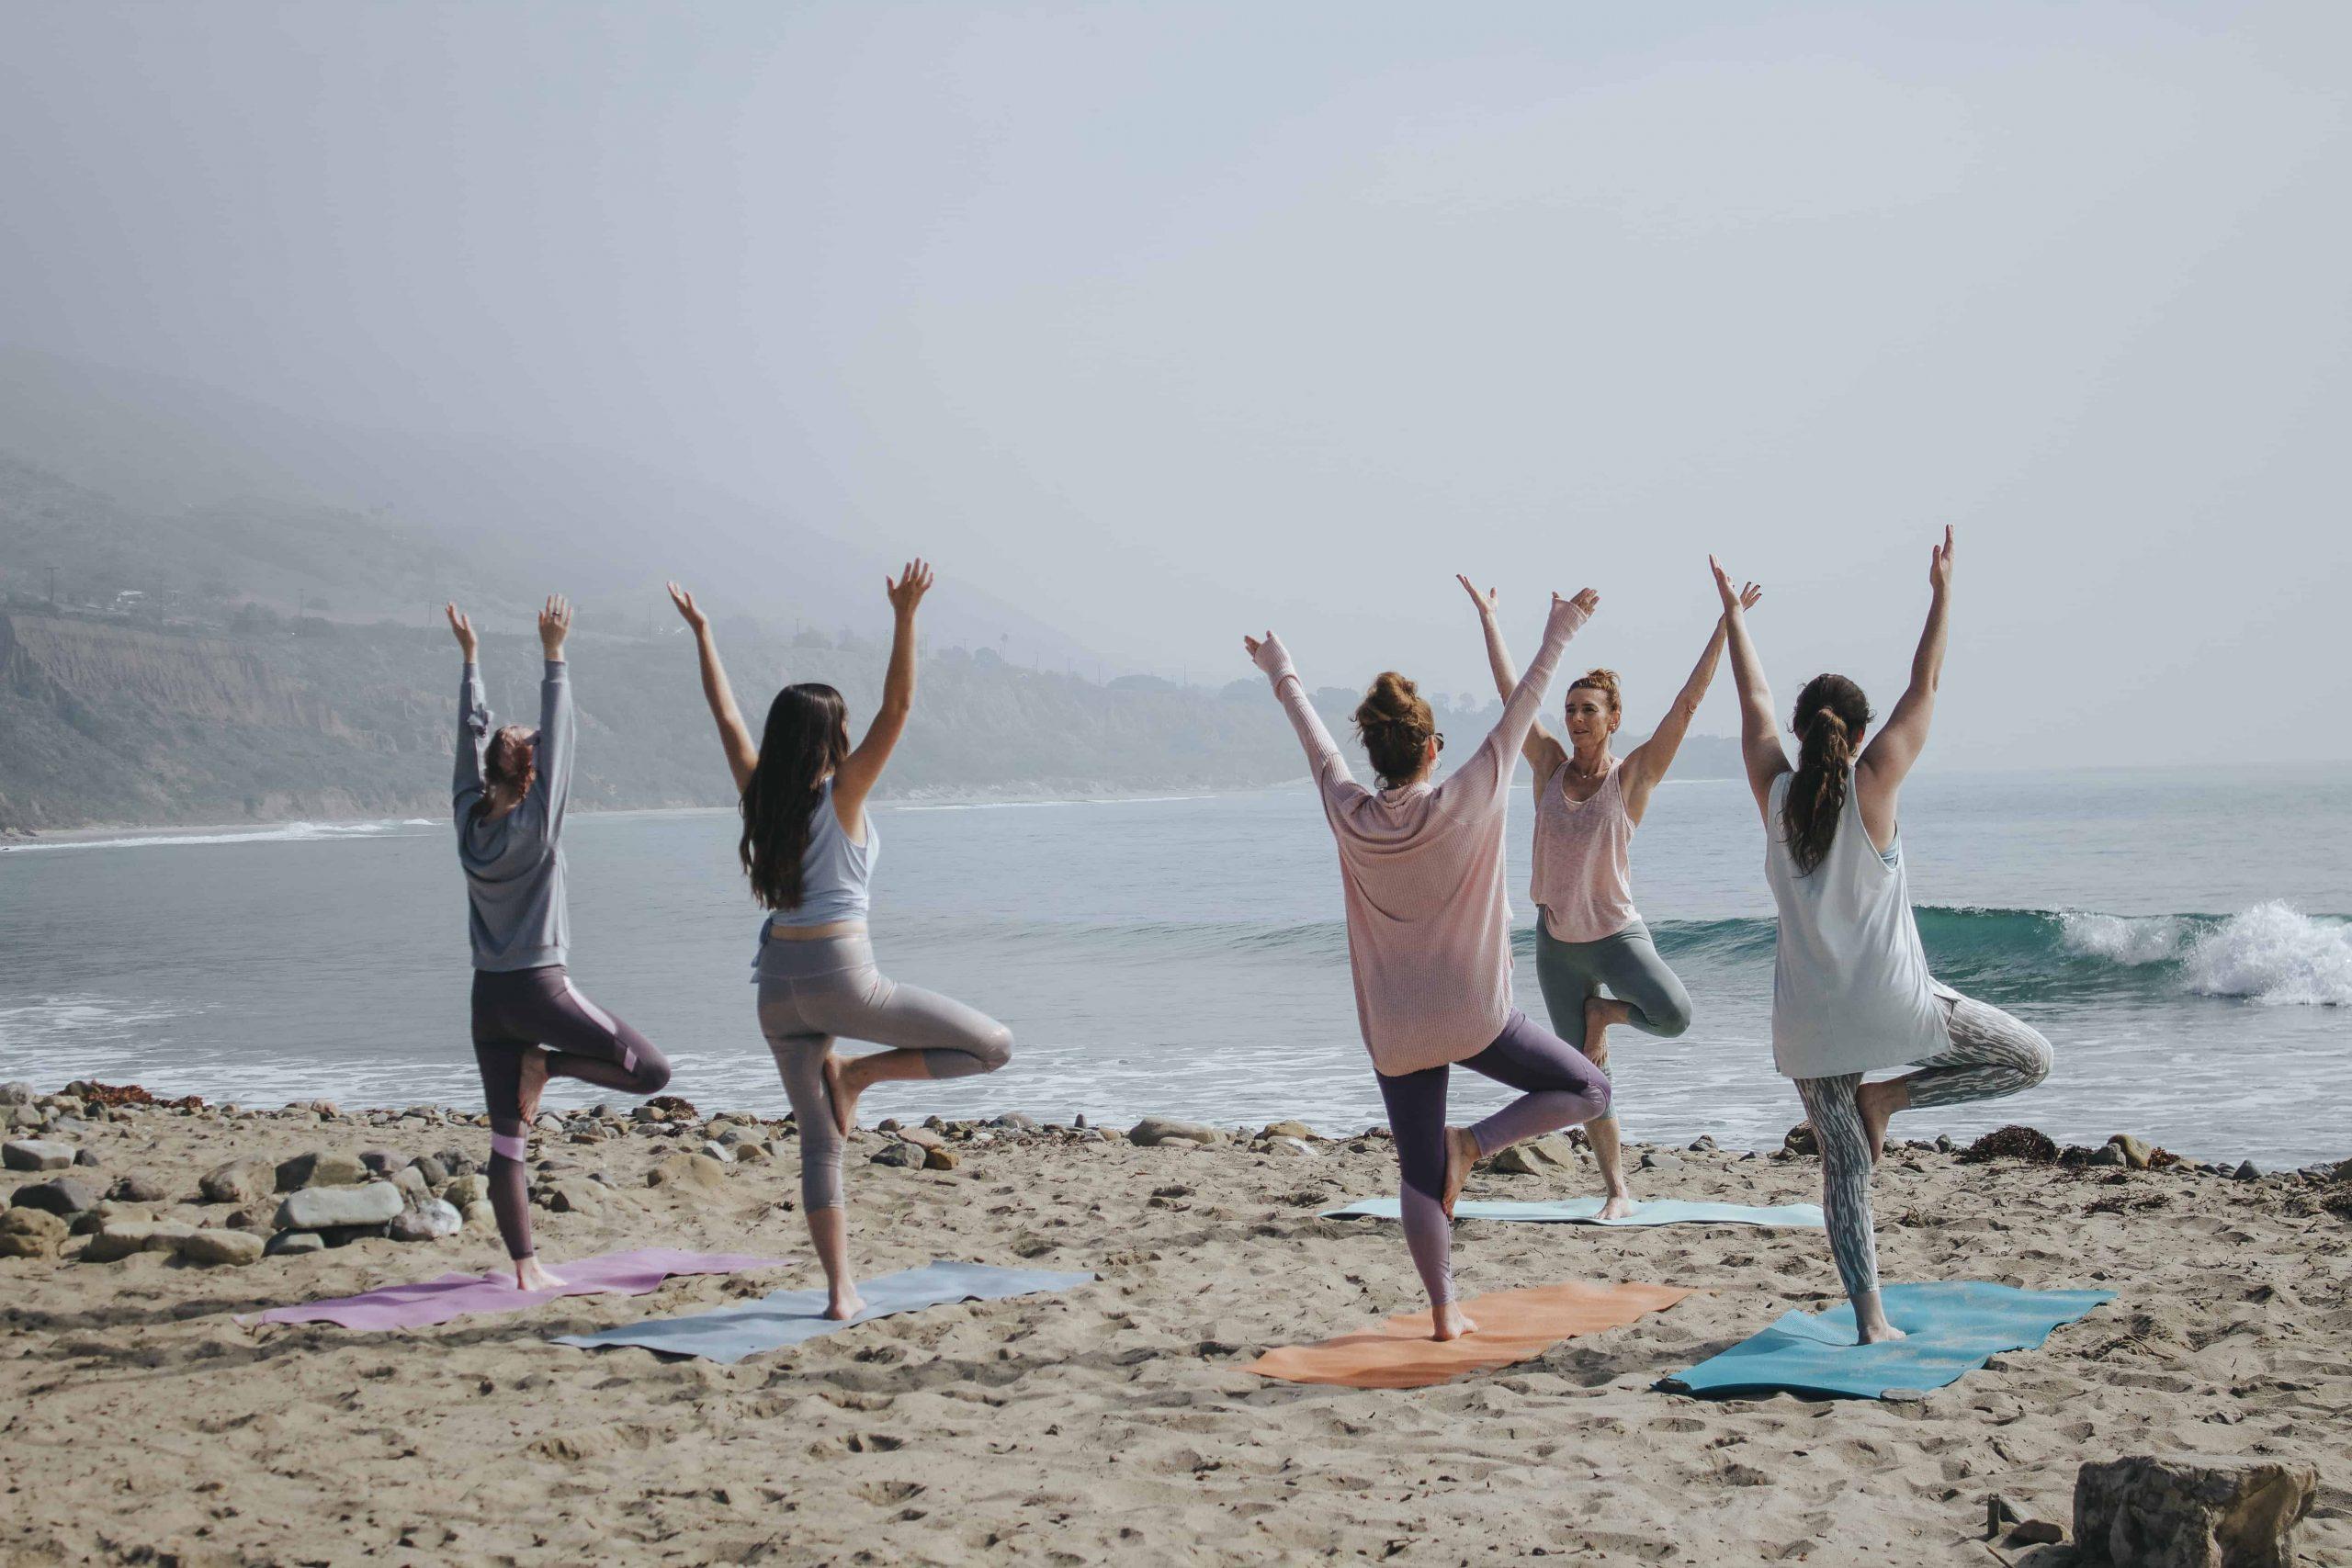 Reise Yogamatte: Test & Empfehlungen (11/20)